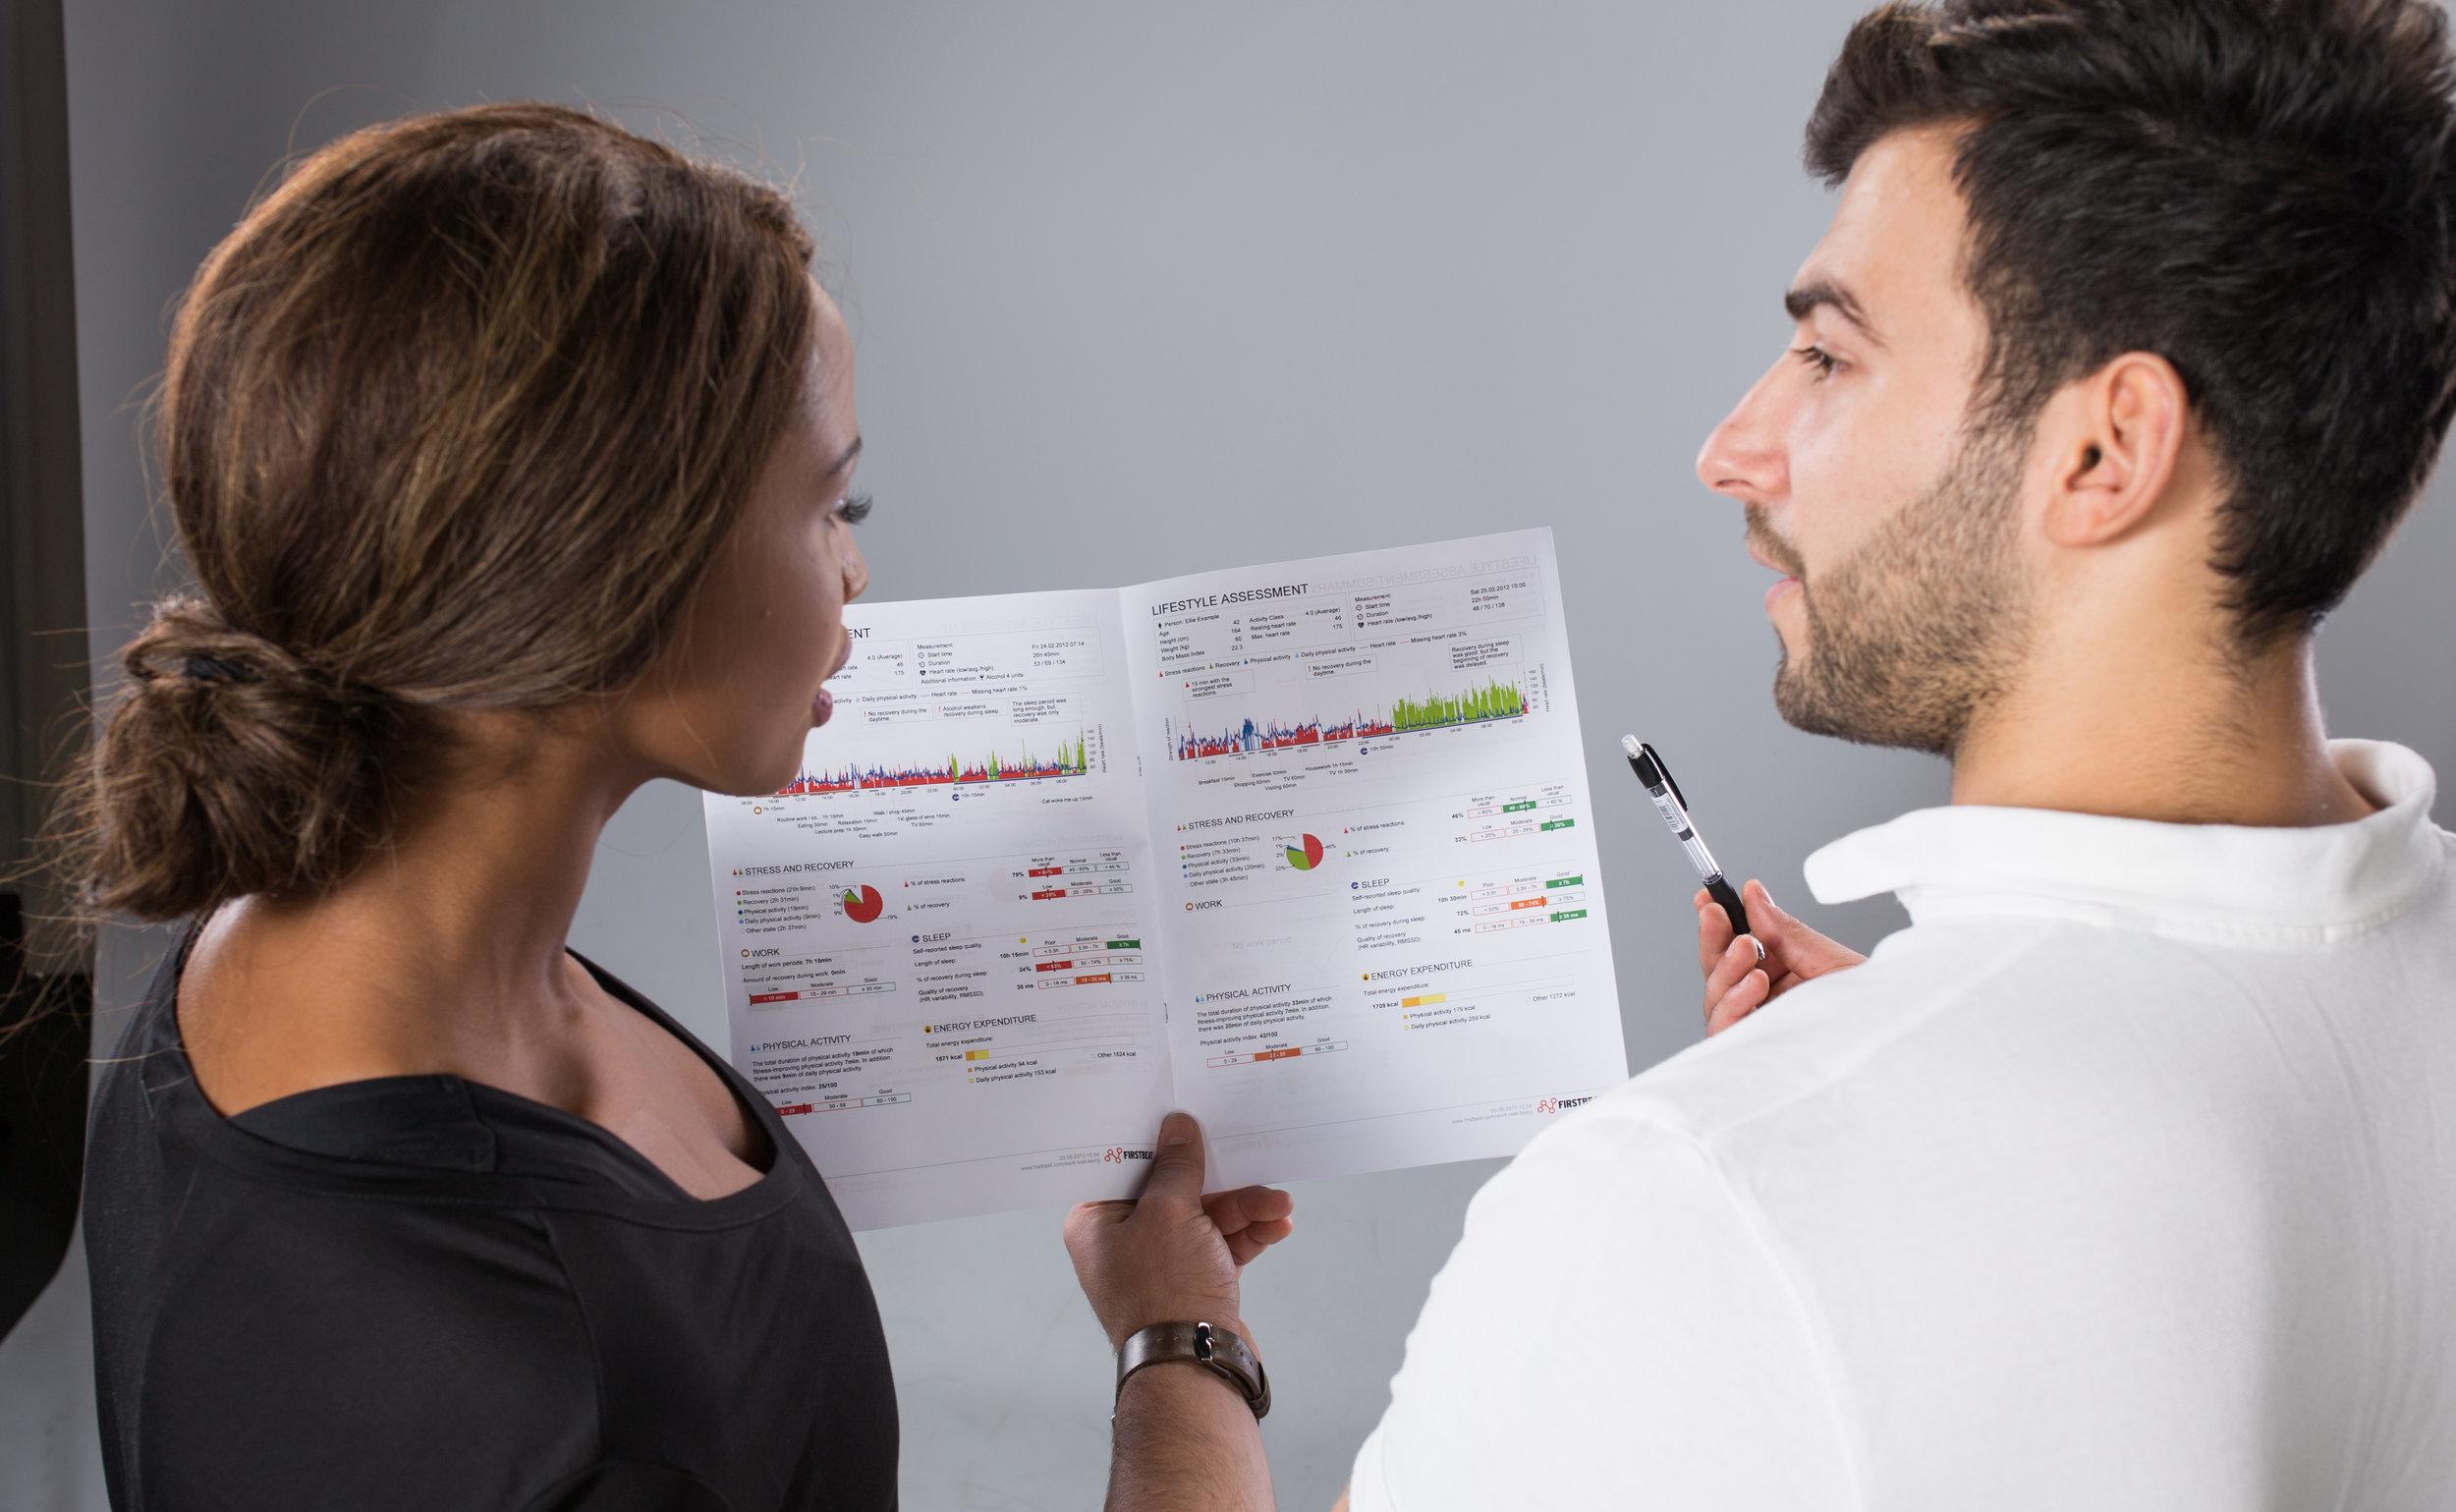 Hyvinvointianalyysi - Noste Hyvinvointipalvelut tarjoaa palveluna hyvinvointianalyysia, jossa asiantuntija tulkitsee Firstbeat raporttisi ja käymme yhdessä läpi stressin, unen sekä palautumisen määrän ja riittävyyden.